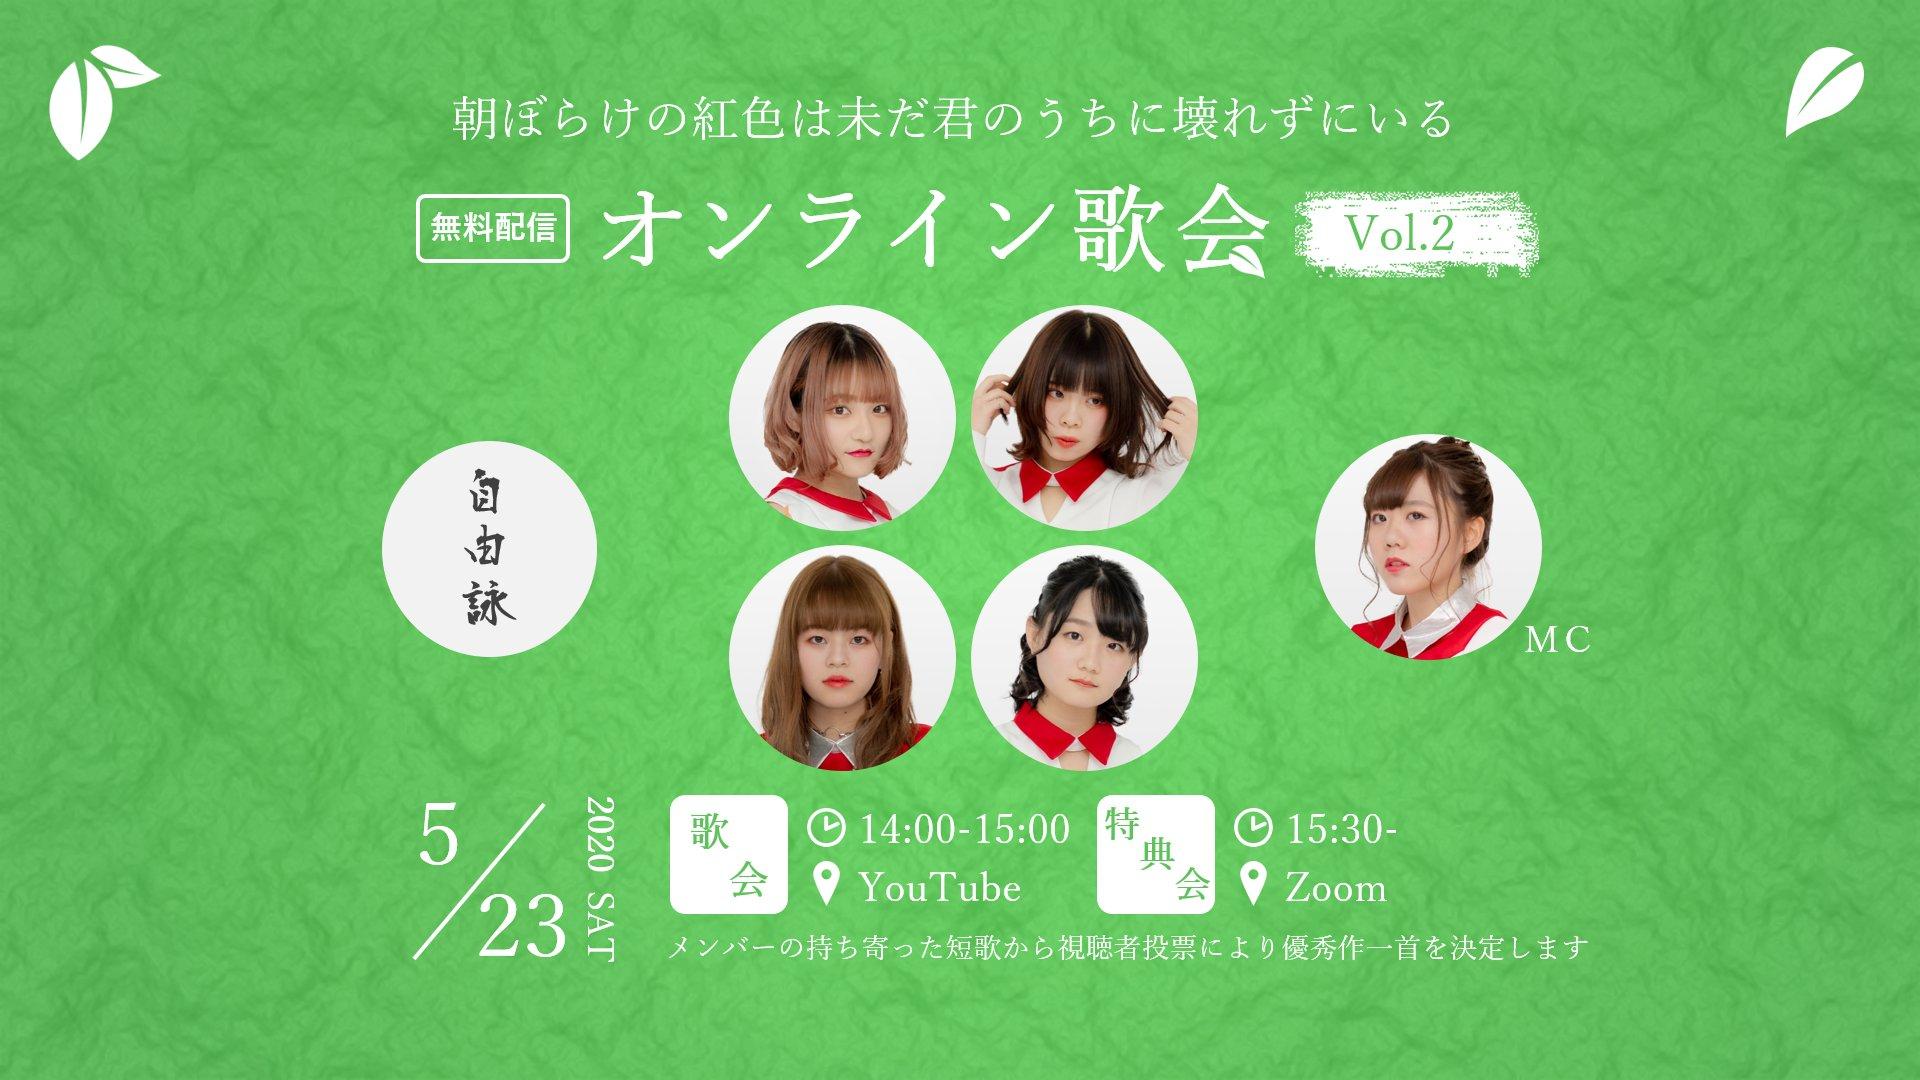 5/23(土)アサキミ主催『オンライン歌会』vol.2【オンライン特典会】